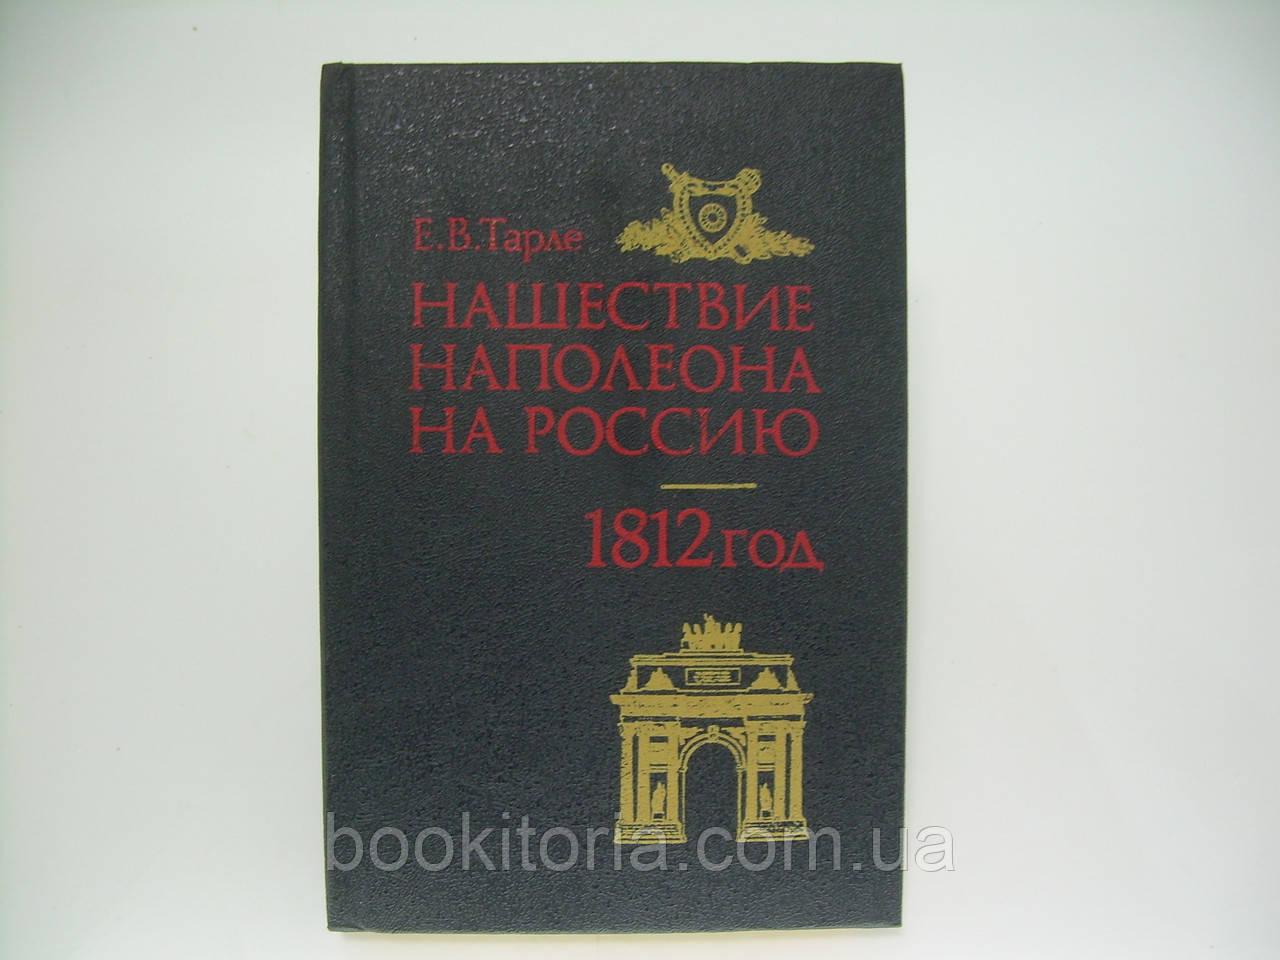 Тарле Е. В. Нашествие Наполеона на Россию. 1812 год (б/у).